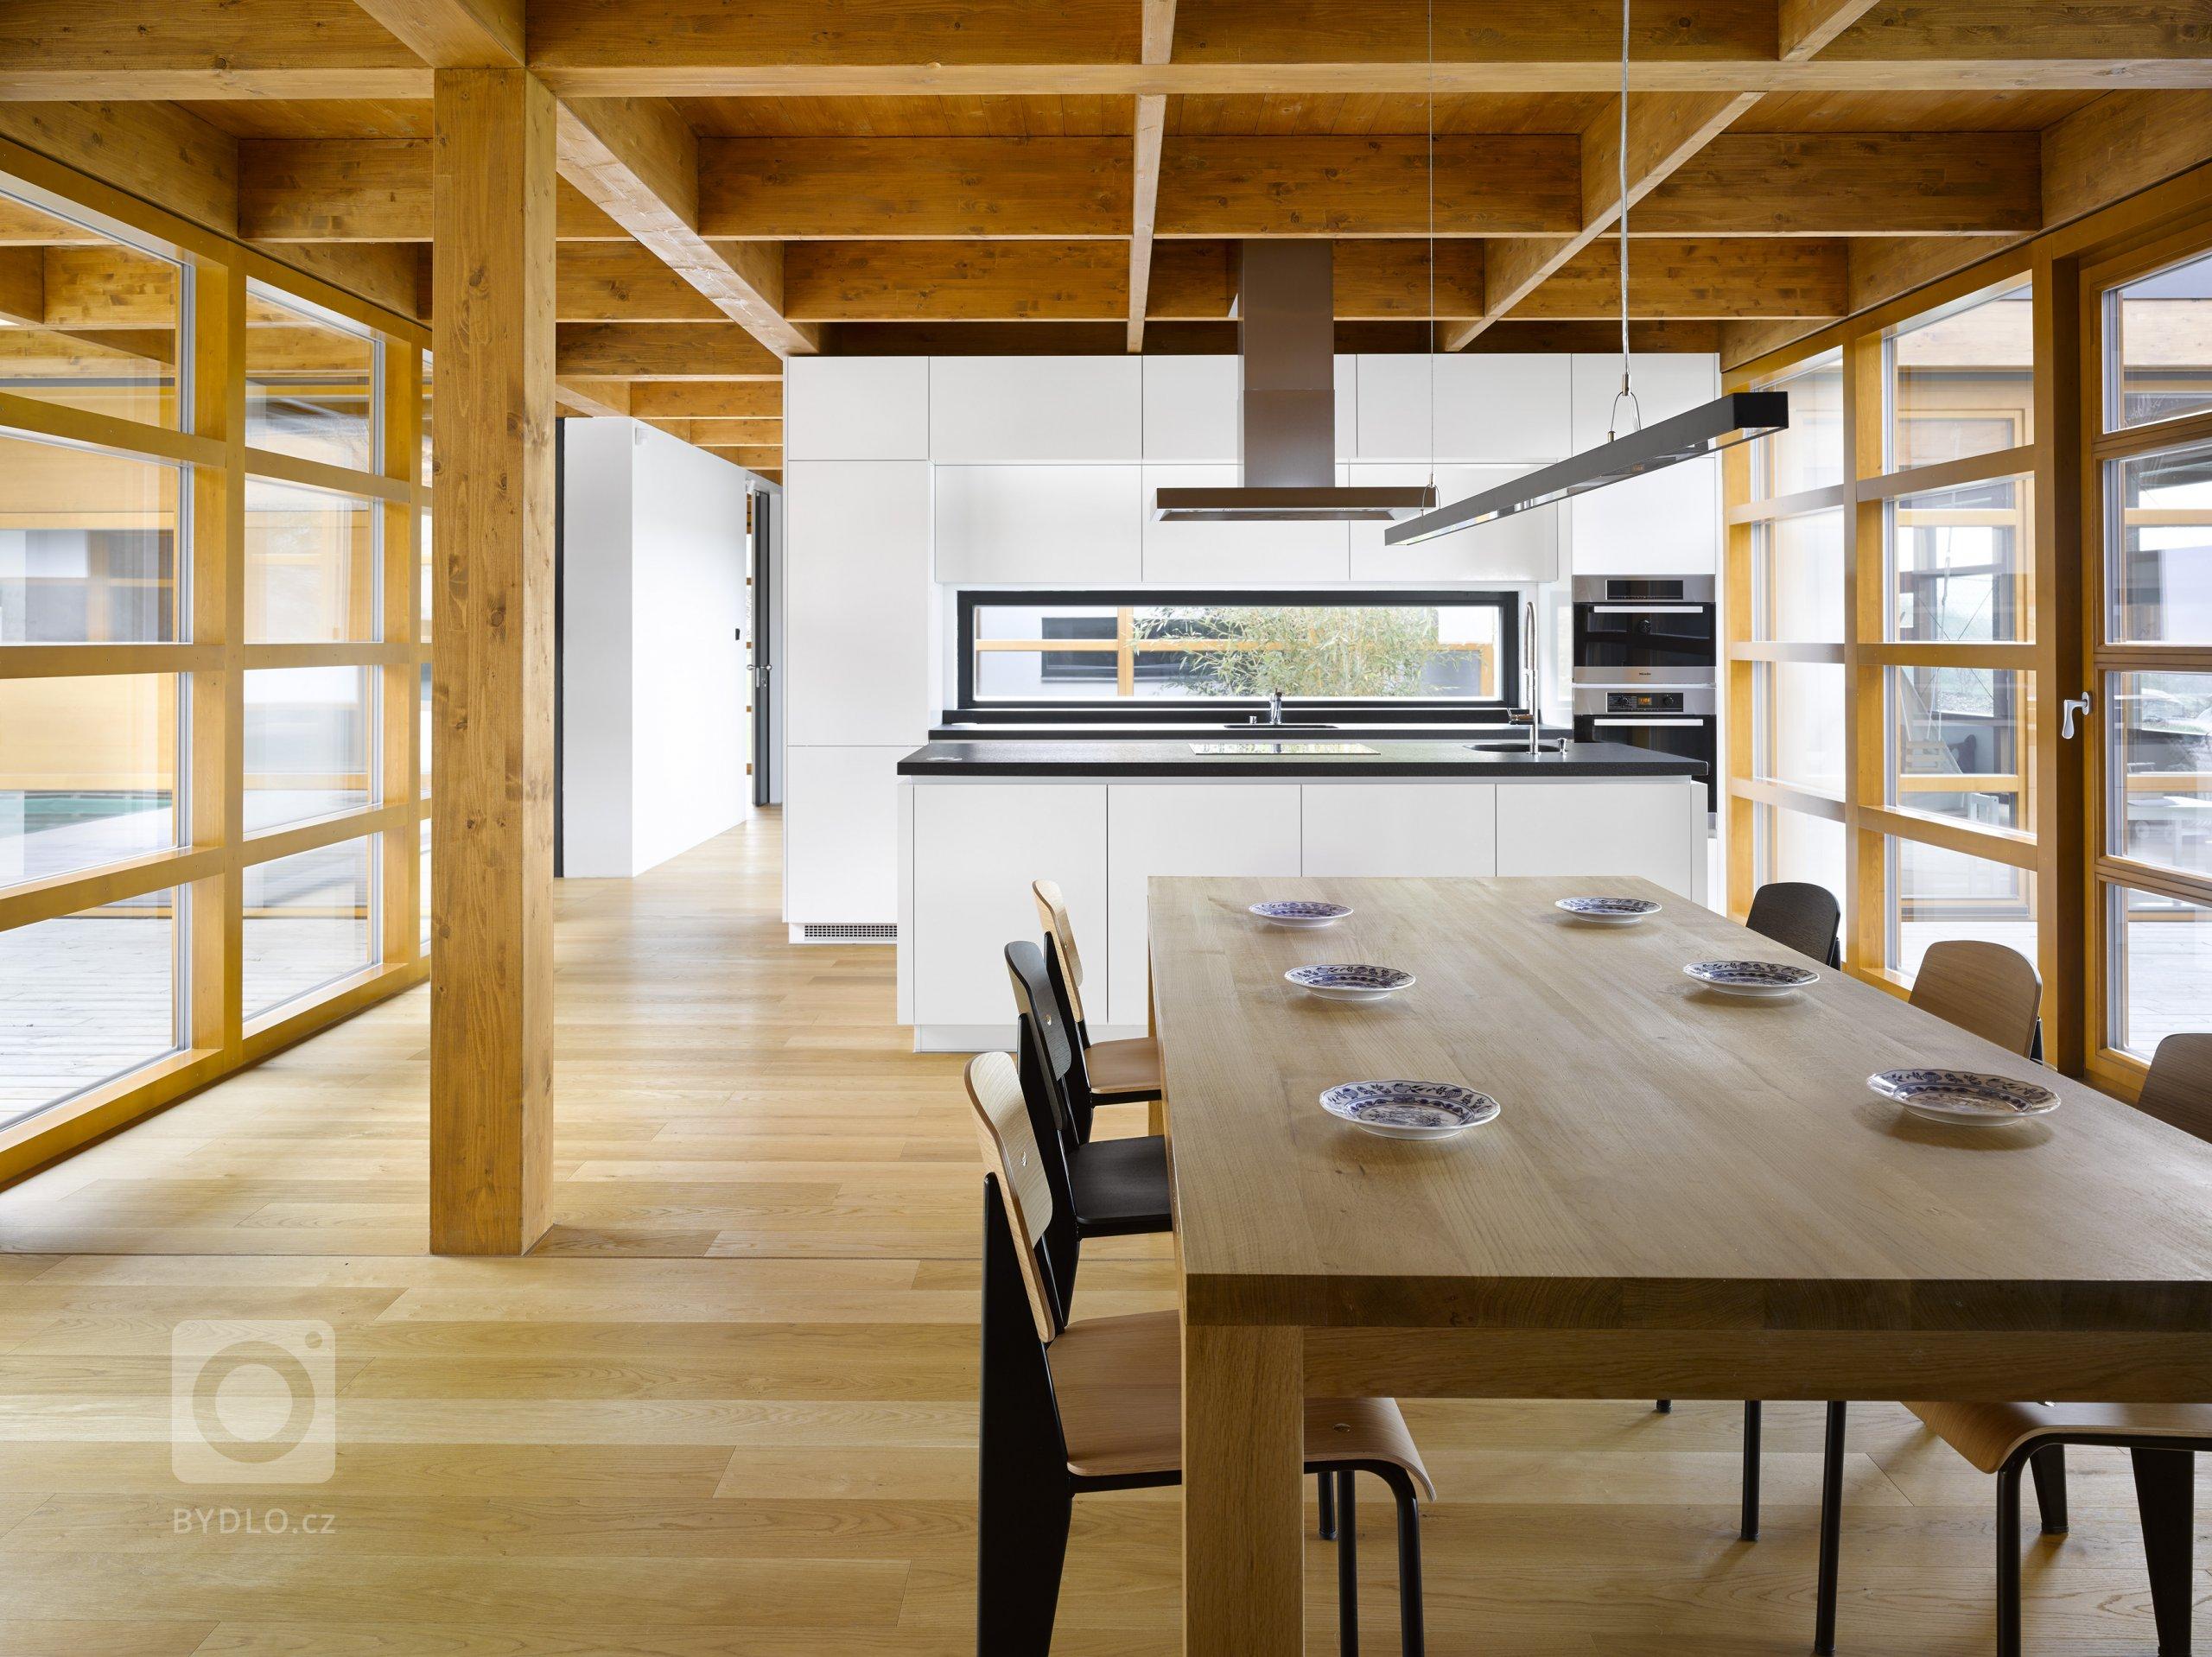 Dřevostavba jednopodlažního rodinného domu umístěného do mírně svažitého pozemku v Tehově u Prahy. Hlavním prvkem domu tvoří centrální vodní plocha osazena…